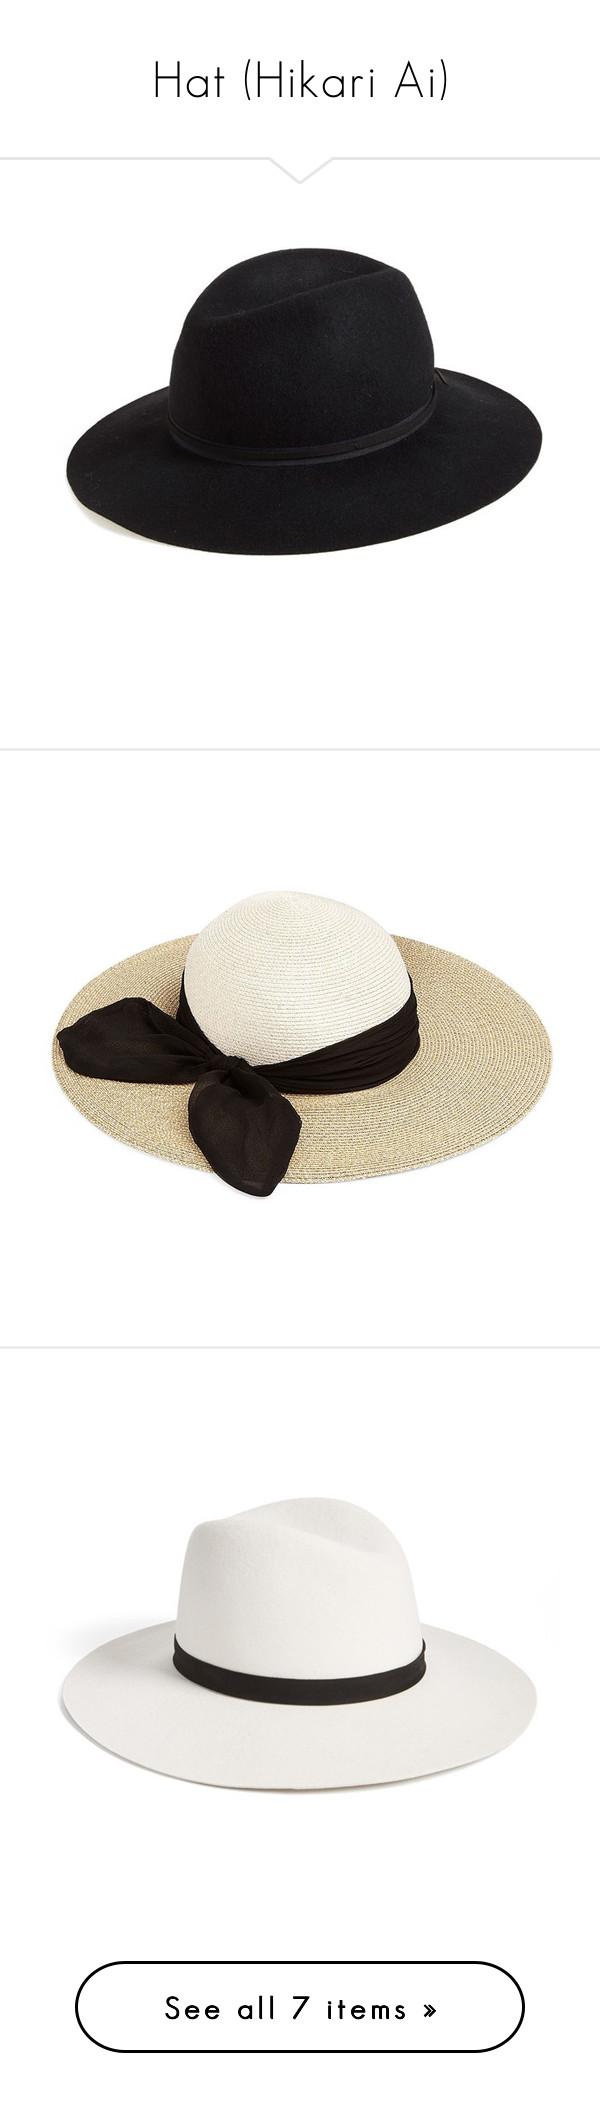 Hat (Hikari Ai)